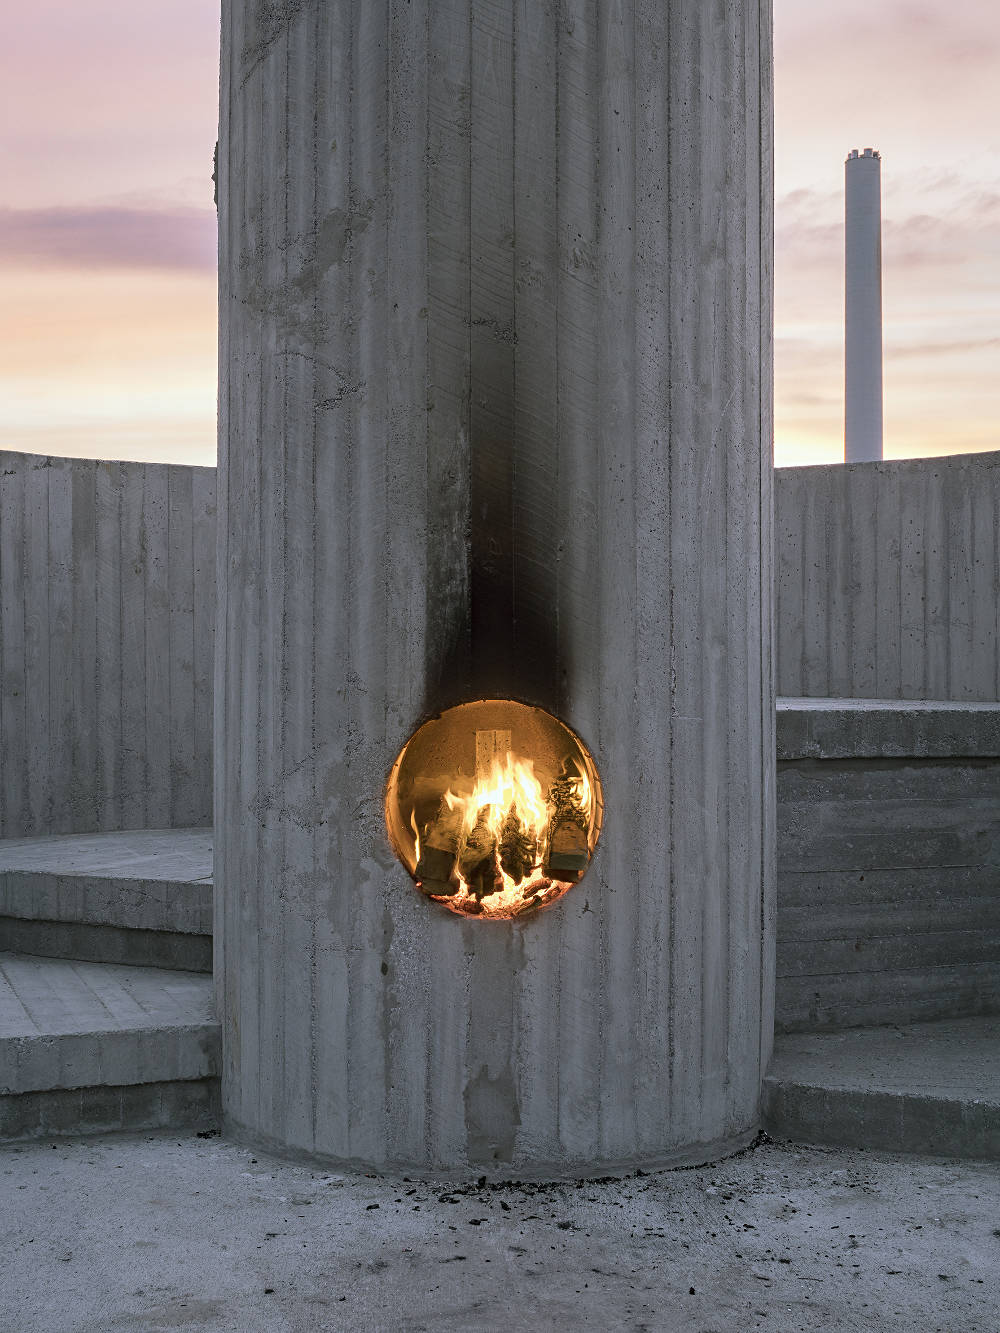 Skulptur Projekte Oscar Tuazon 3